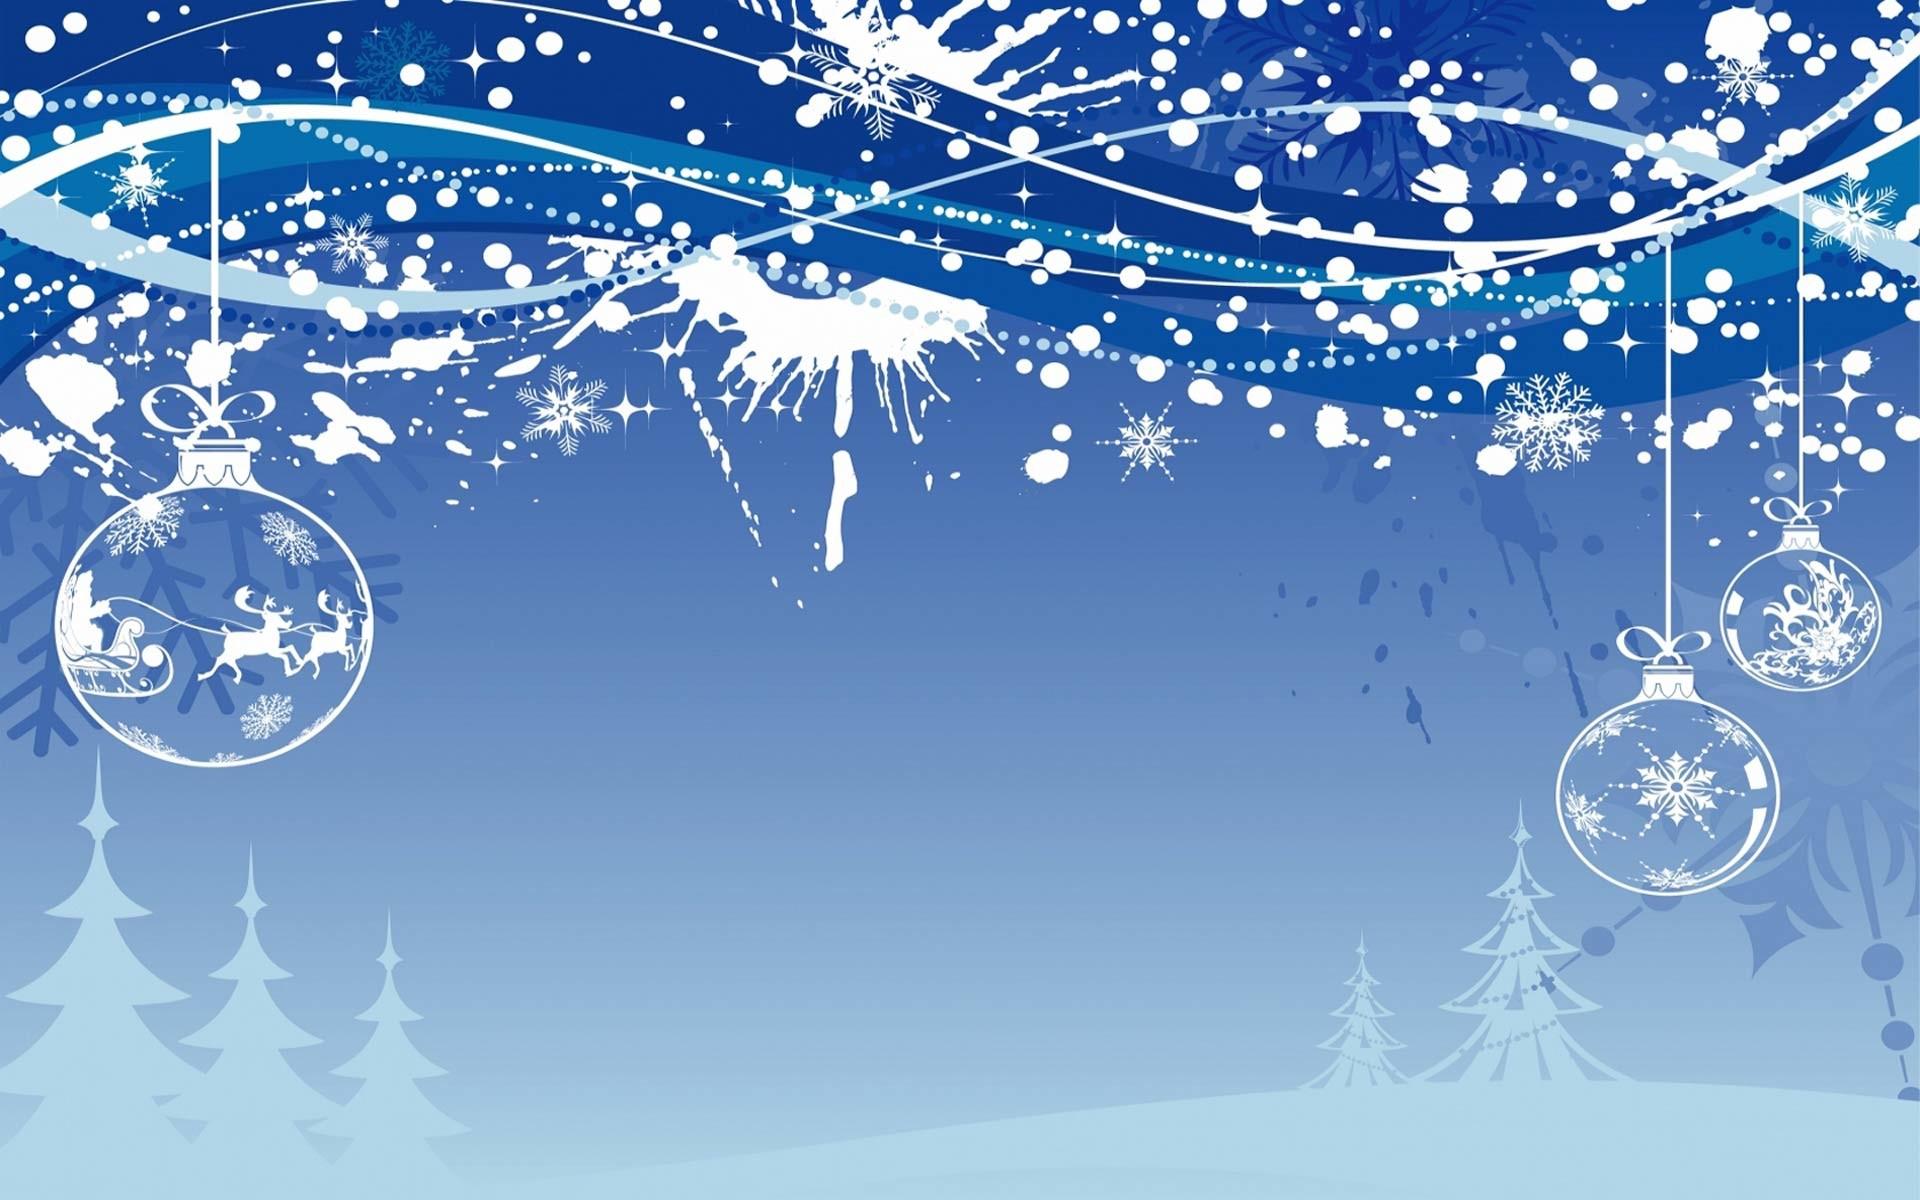 Free Christmas Wallpaper For Desktop